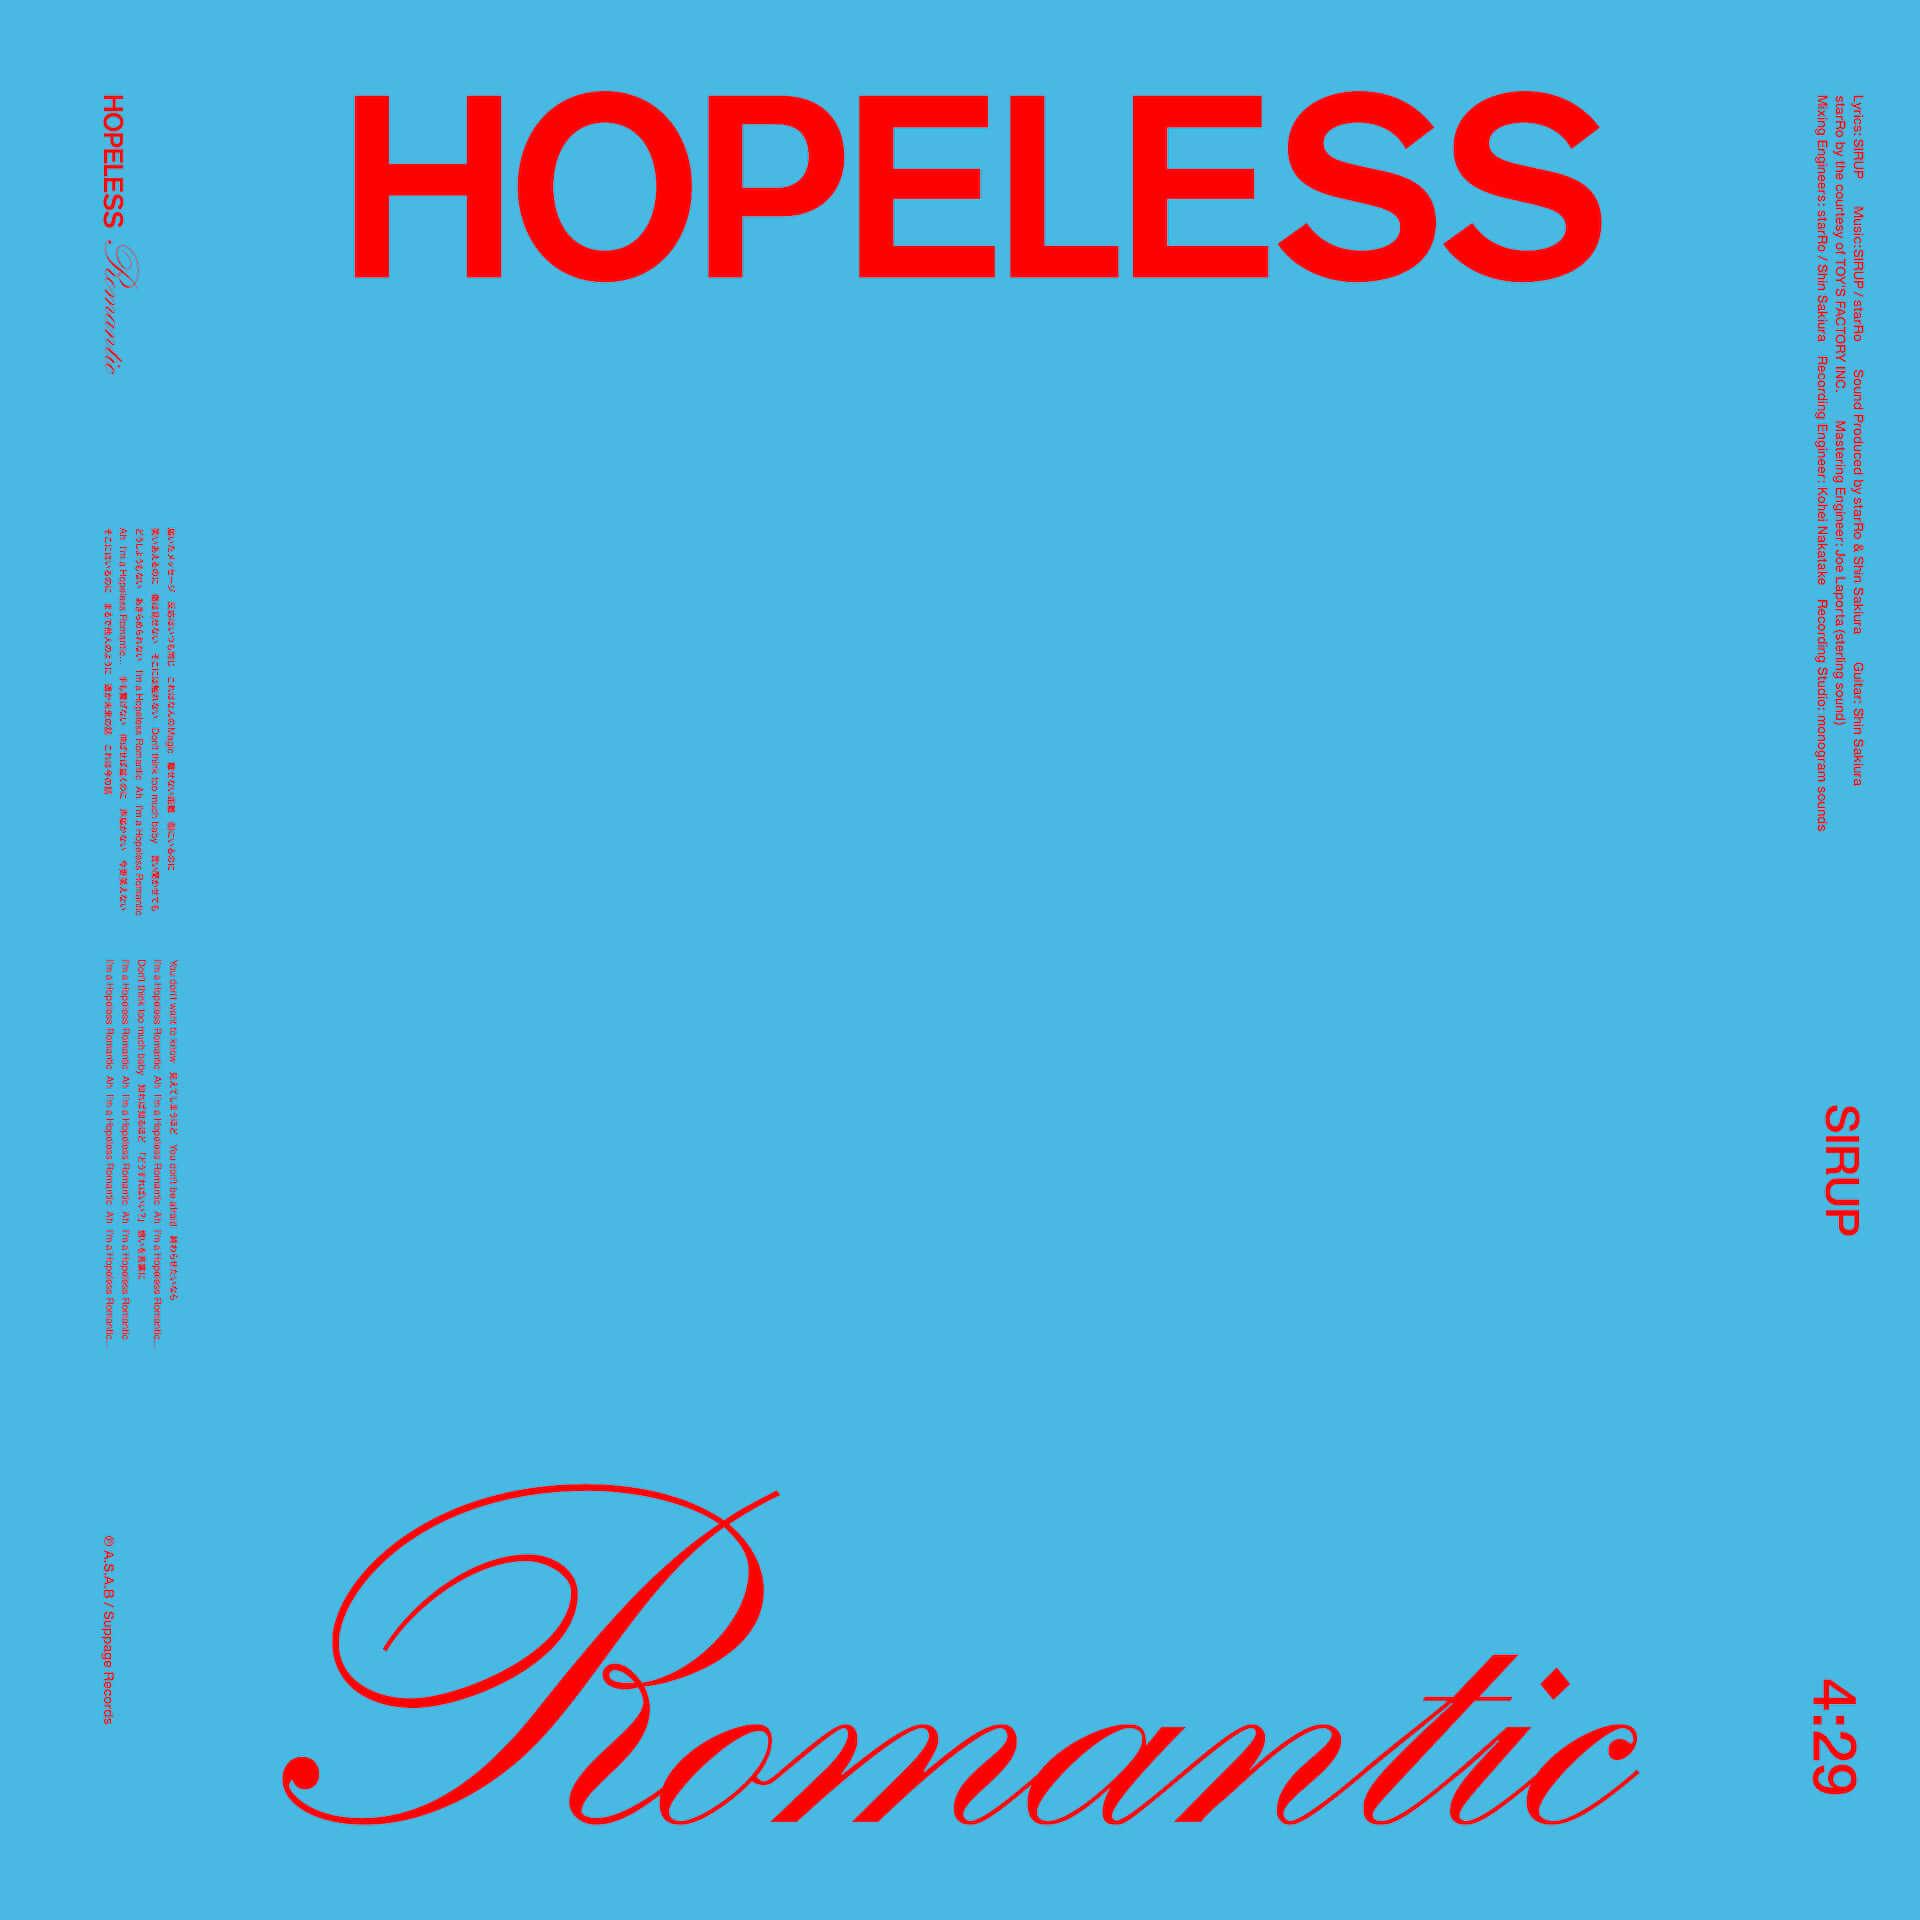 """starRoとShin SakiuraがサウンドプロデュースしたSIRUPの新曲""""HOPELESS ROMANTIC""""が配信開始!明日はトークセッション生配信も music200527_sirup_release_2-1920x1920"""